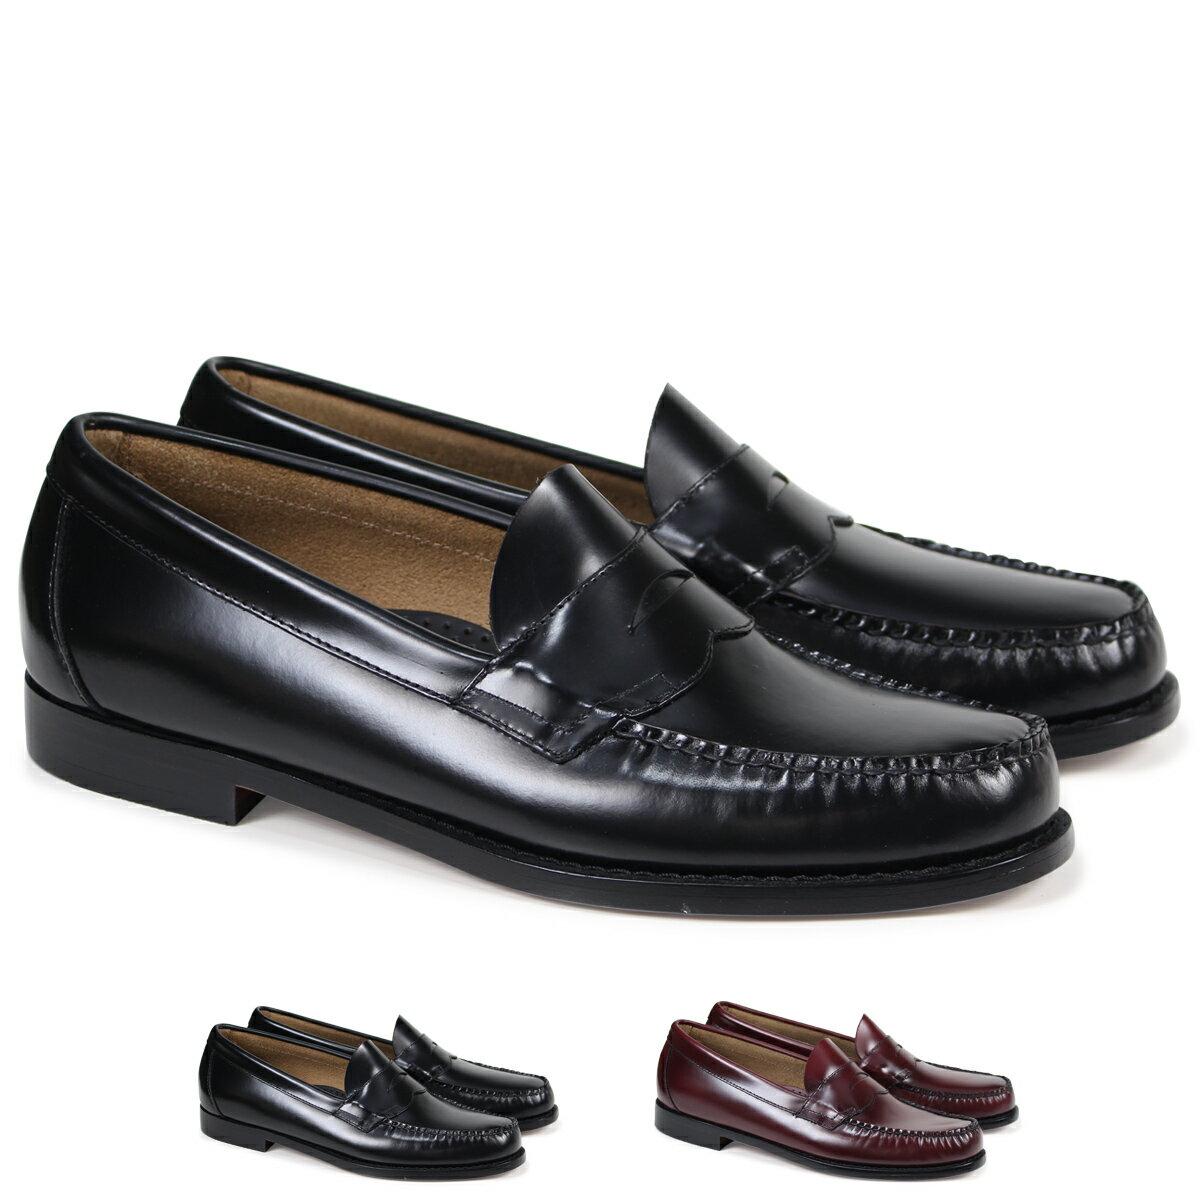 G.H. BASS LOGAN ローファー ジーエイチバス メンズ 70-10944 70-10949 靴 2カラー [6/6 再入荷]